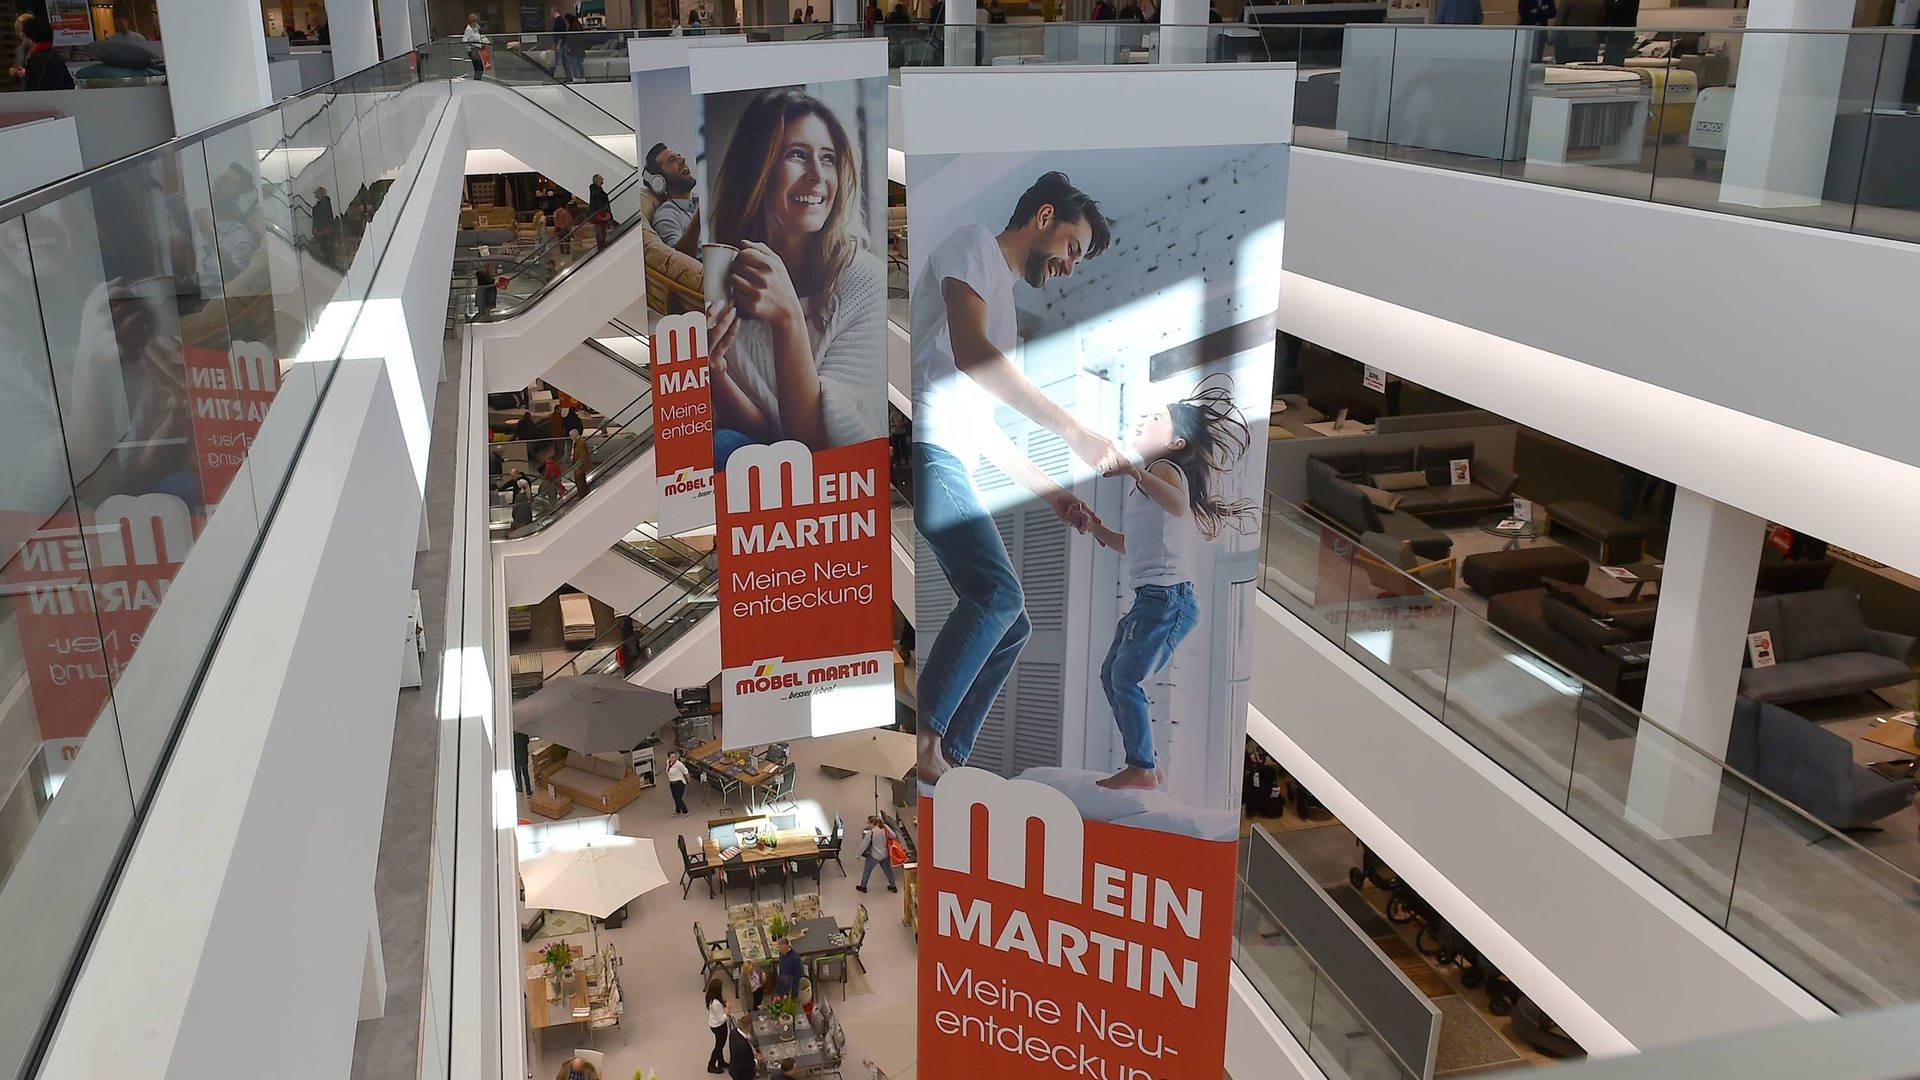 Möbel Martin Zweibrücken  Neue Hürde für Ausbau von Möbel Martin in Zweibrücken